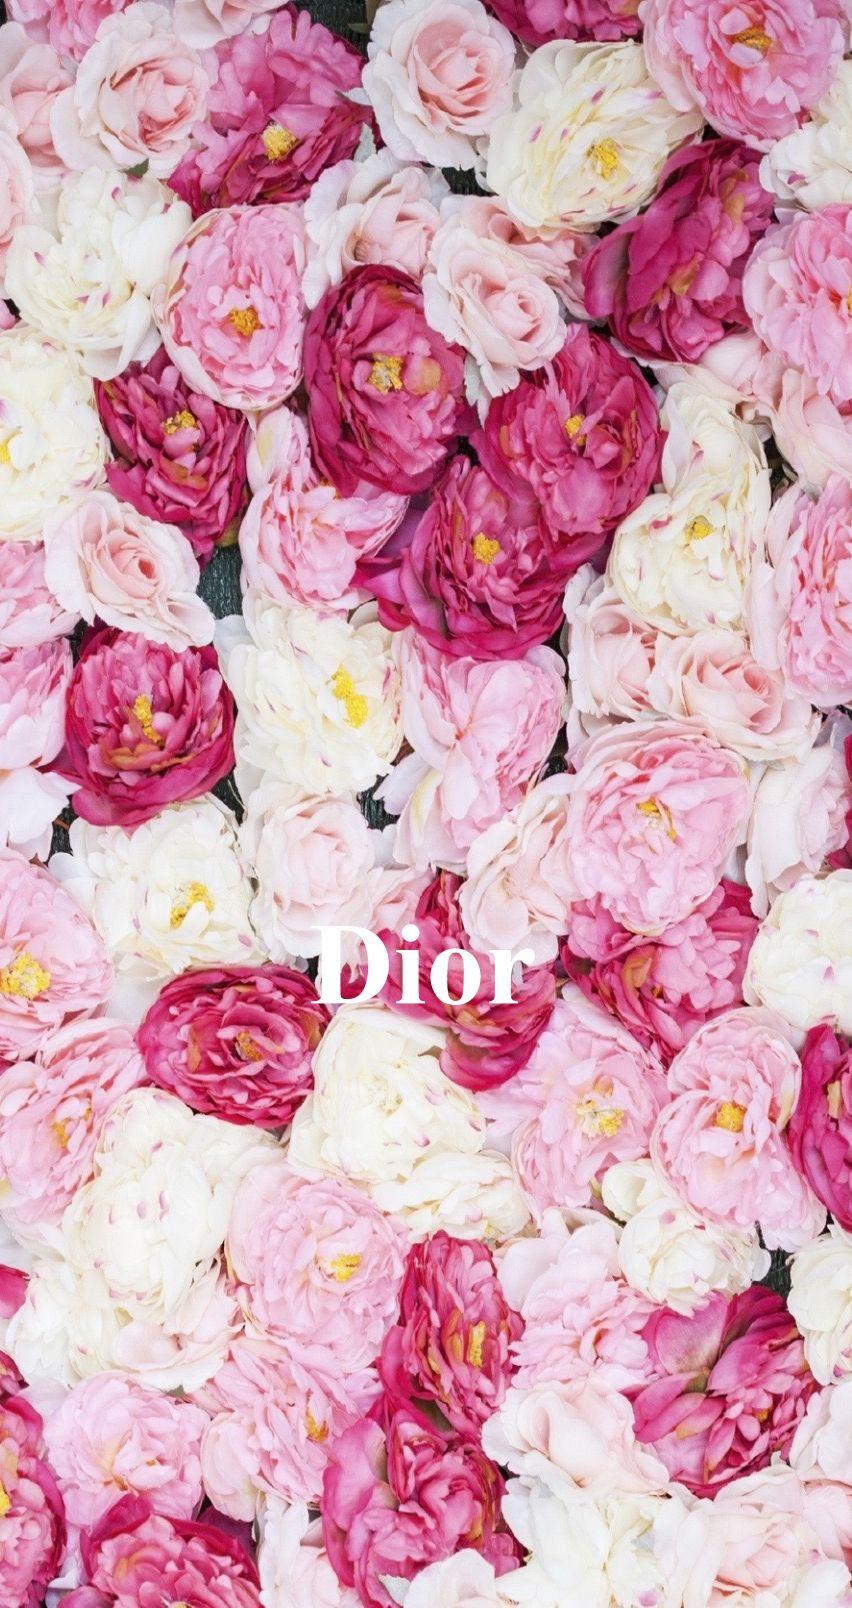 Dior Flower Wallpaper Hd